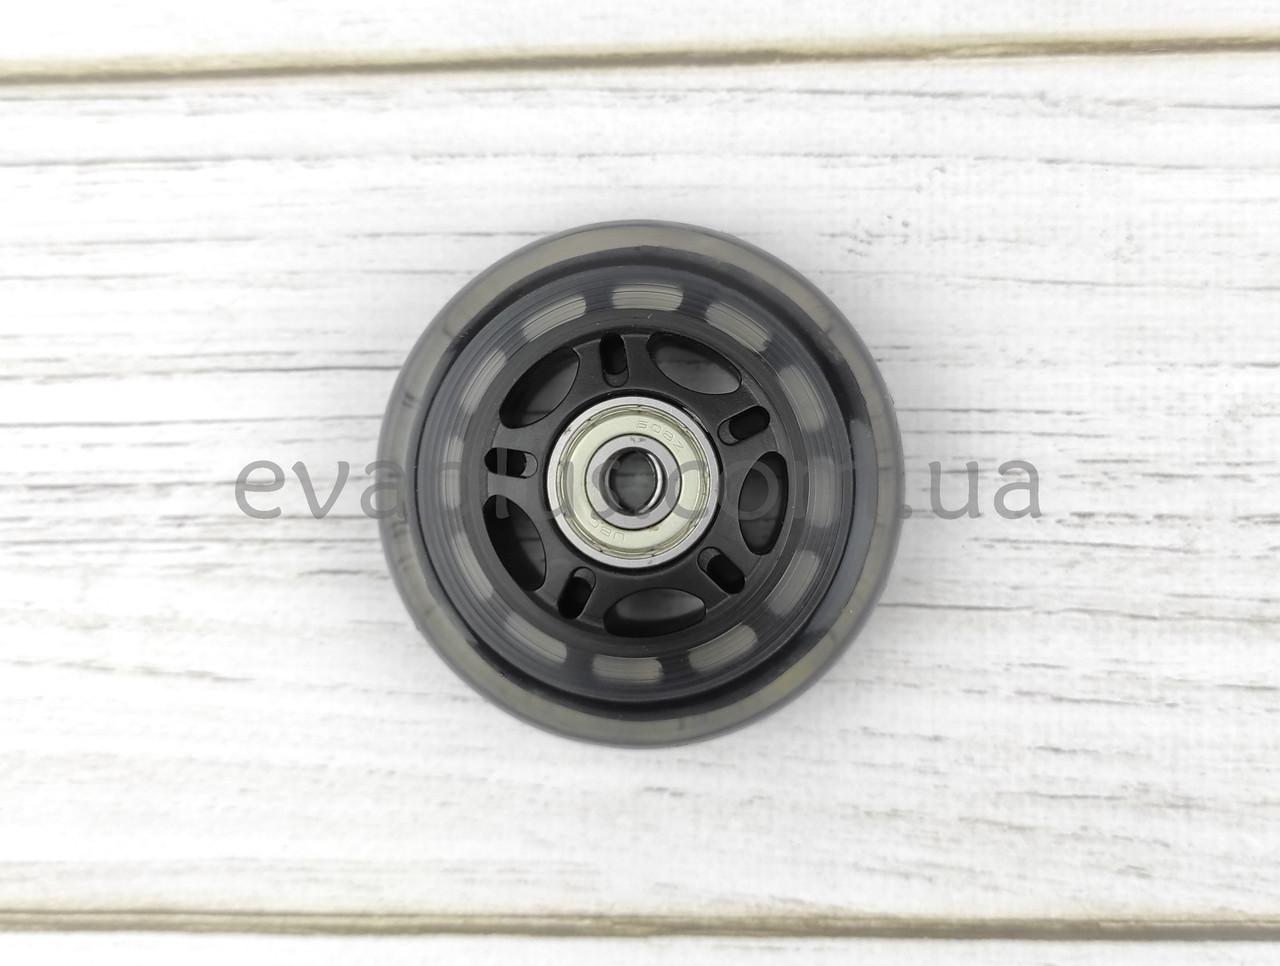 Колесо 70 мм полиуретановое (черное прозрачное)